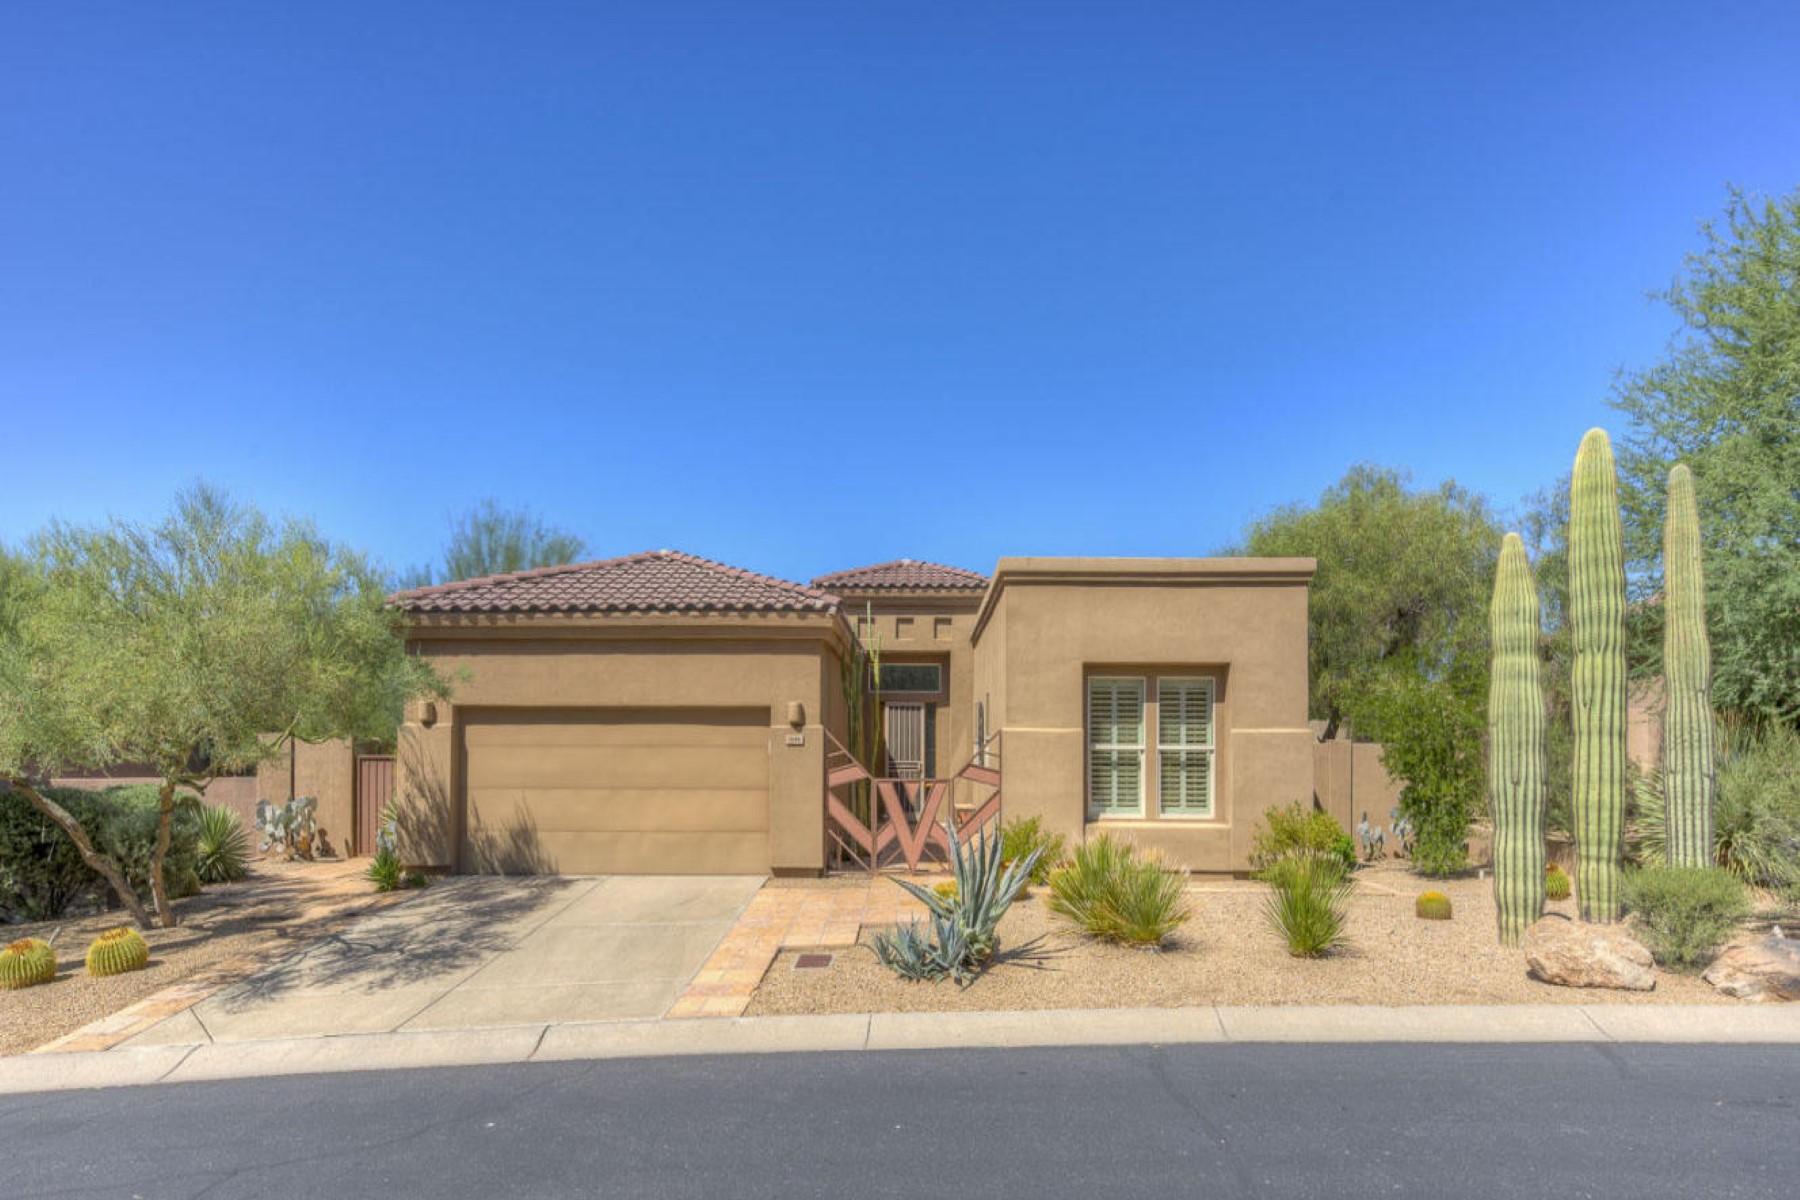 Частный односемейный дом для того Продажа на Immaculate home with stunning views of Black Mountain 7296 E Soaring Eagle Way Scottsdale, Аризона, 85266 Соединенные Штаты